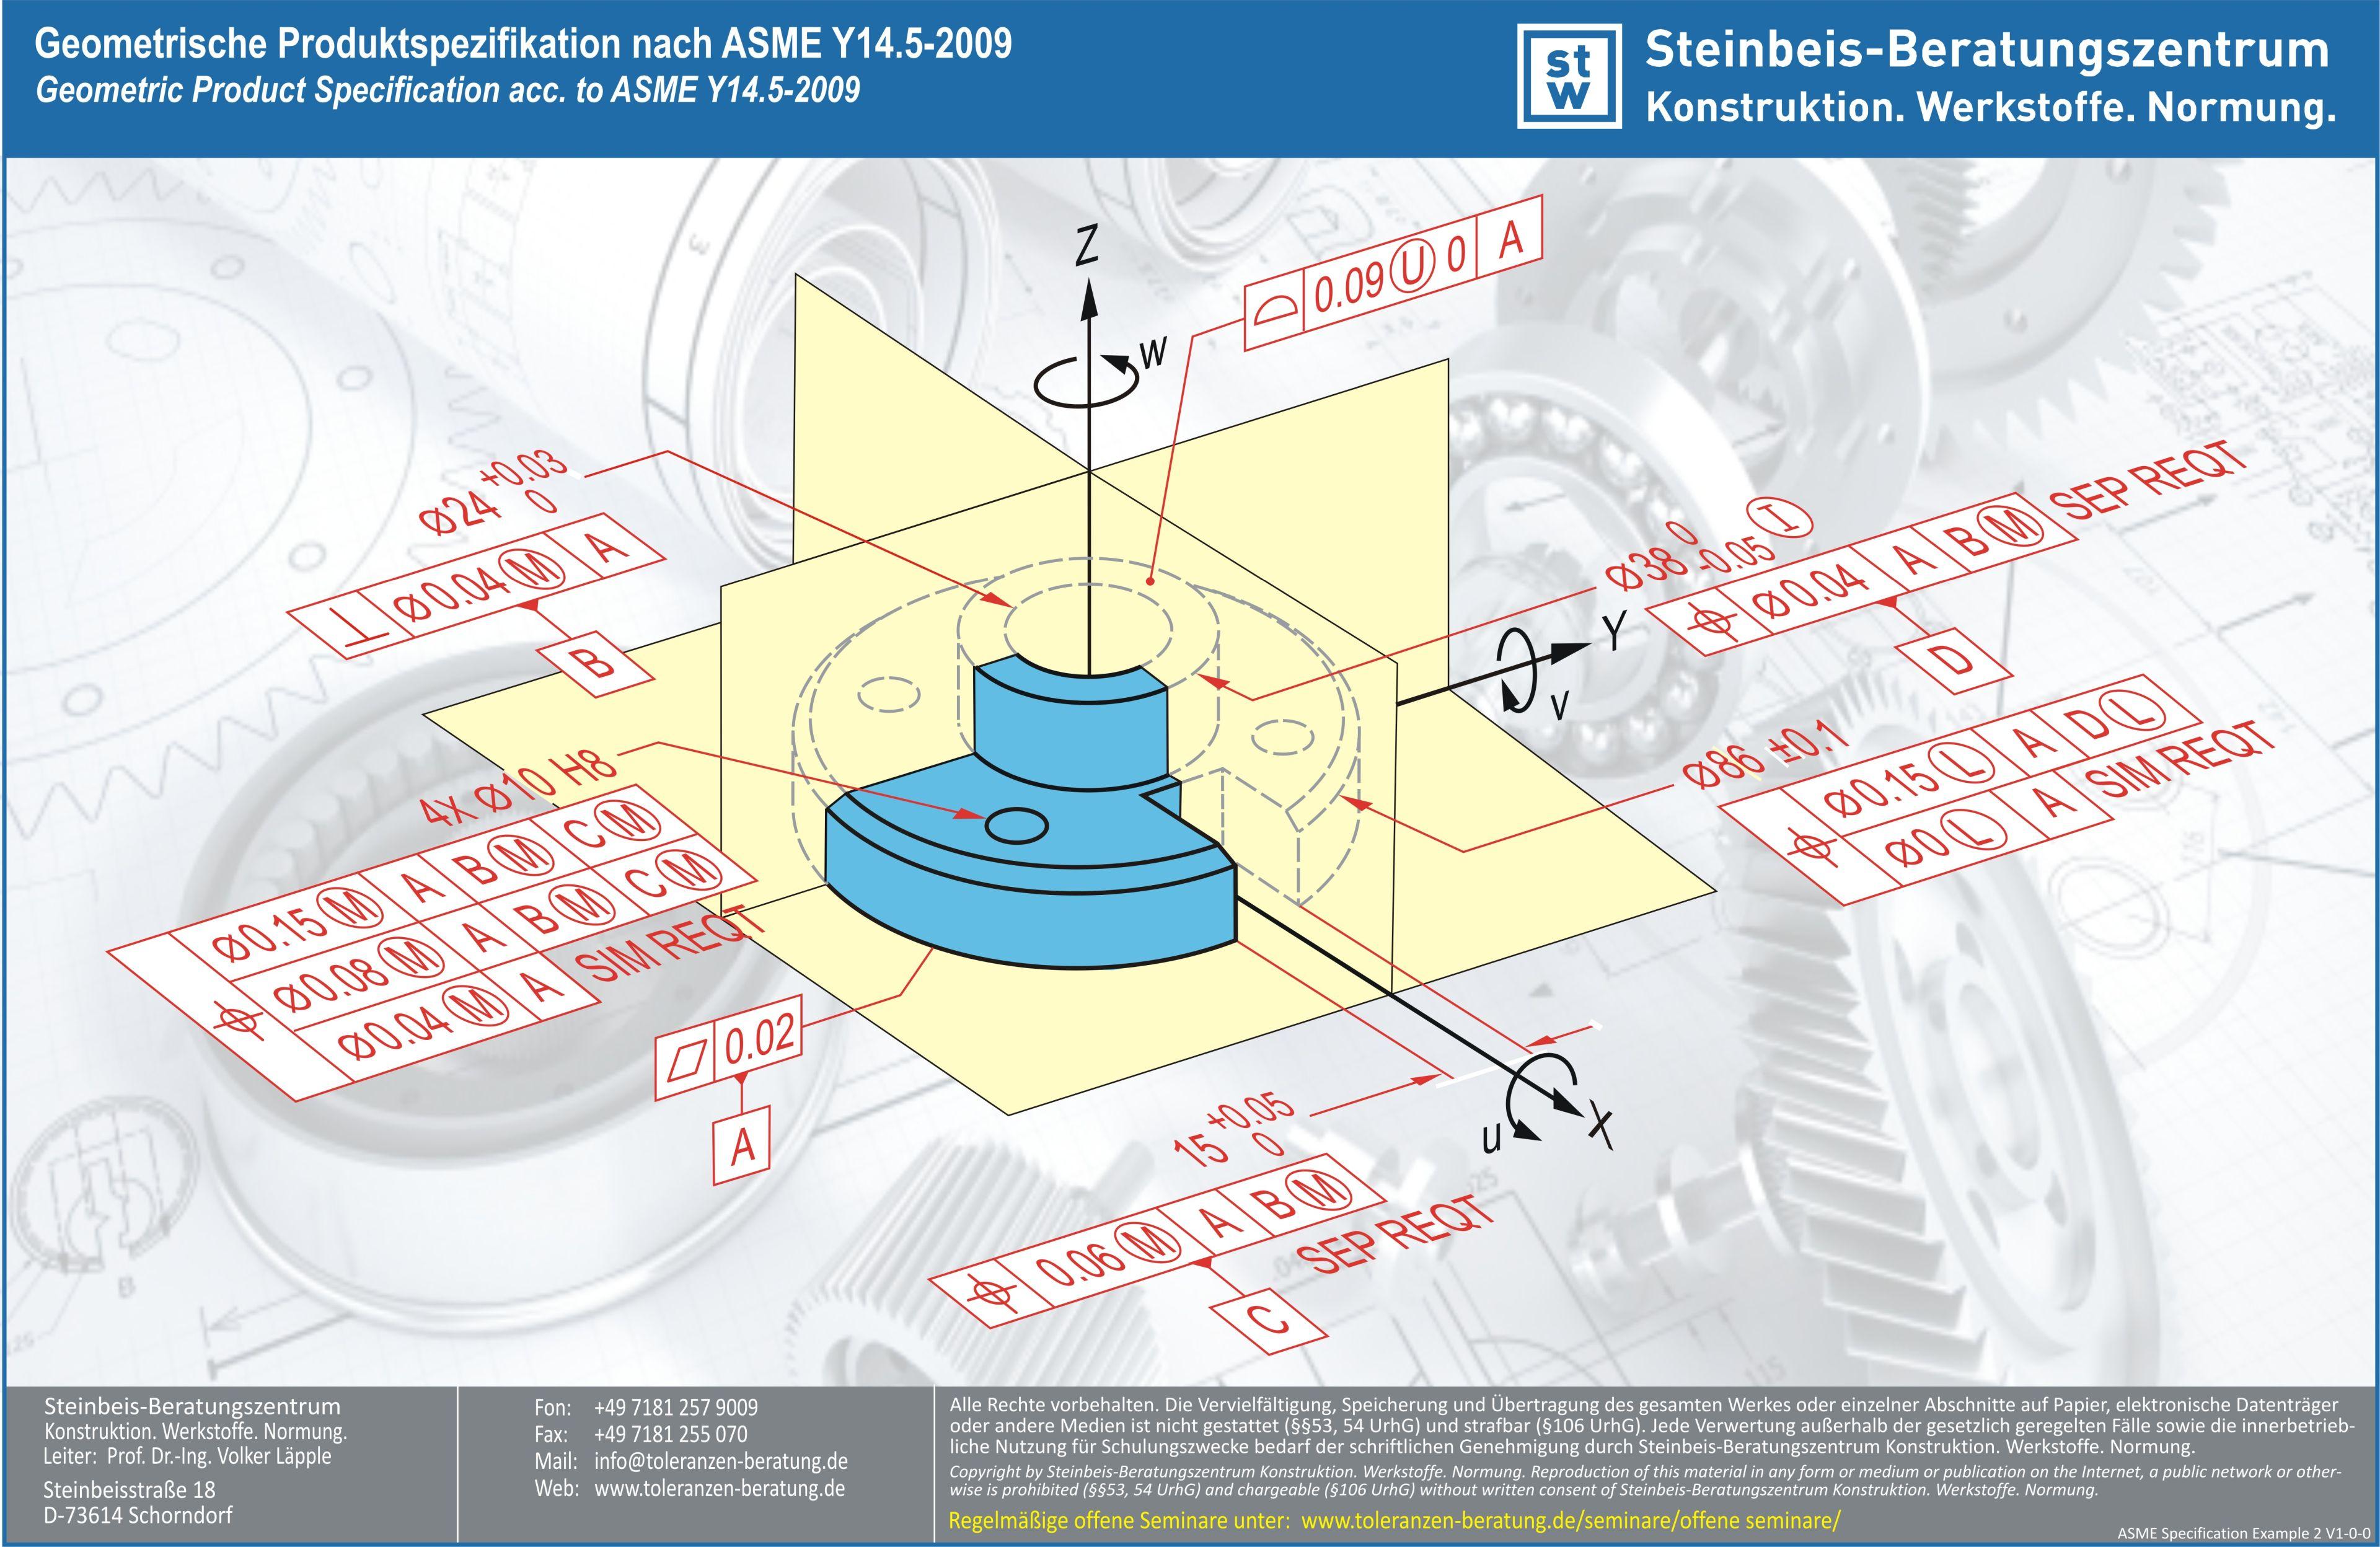 Geometrische Produktspezifikation Nach ASME Y14.5 2018 (Beispiel)